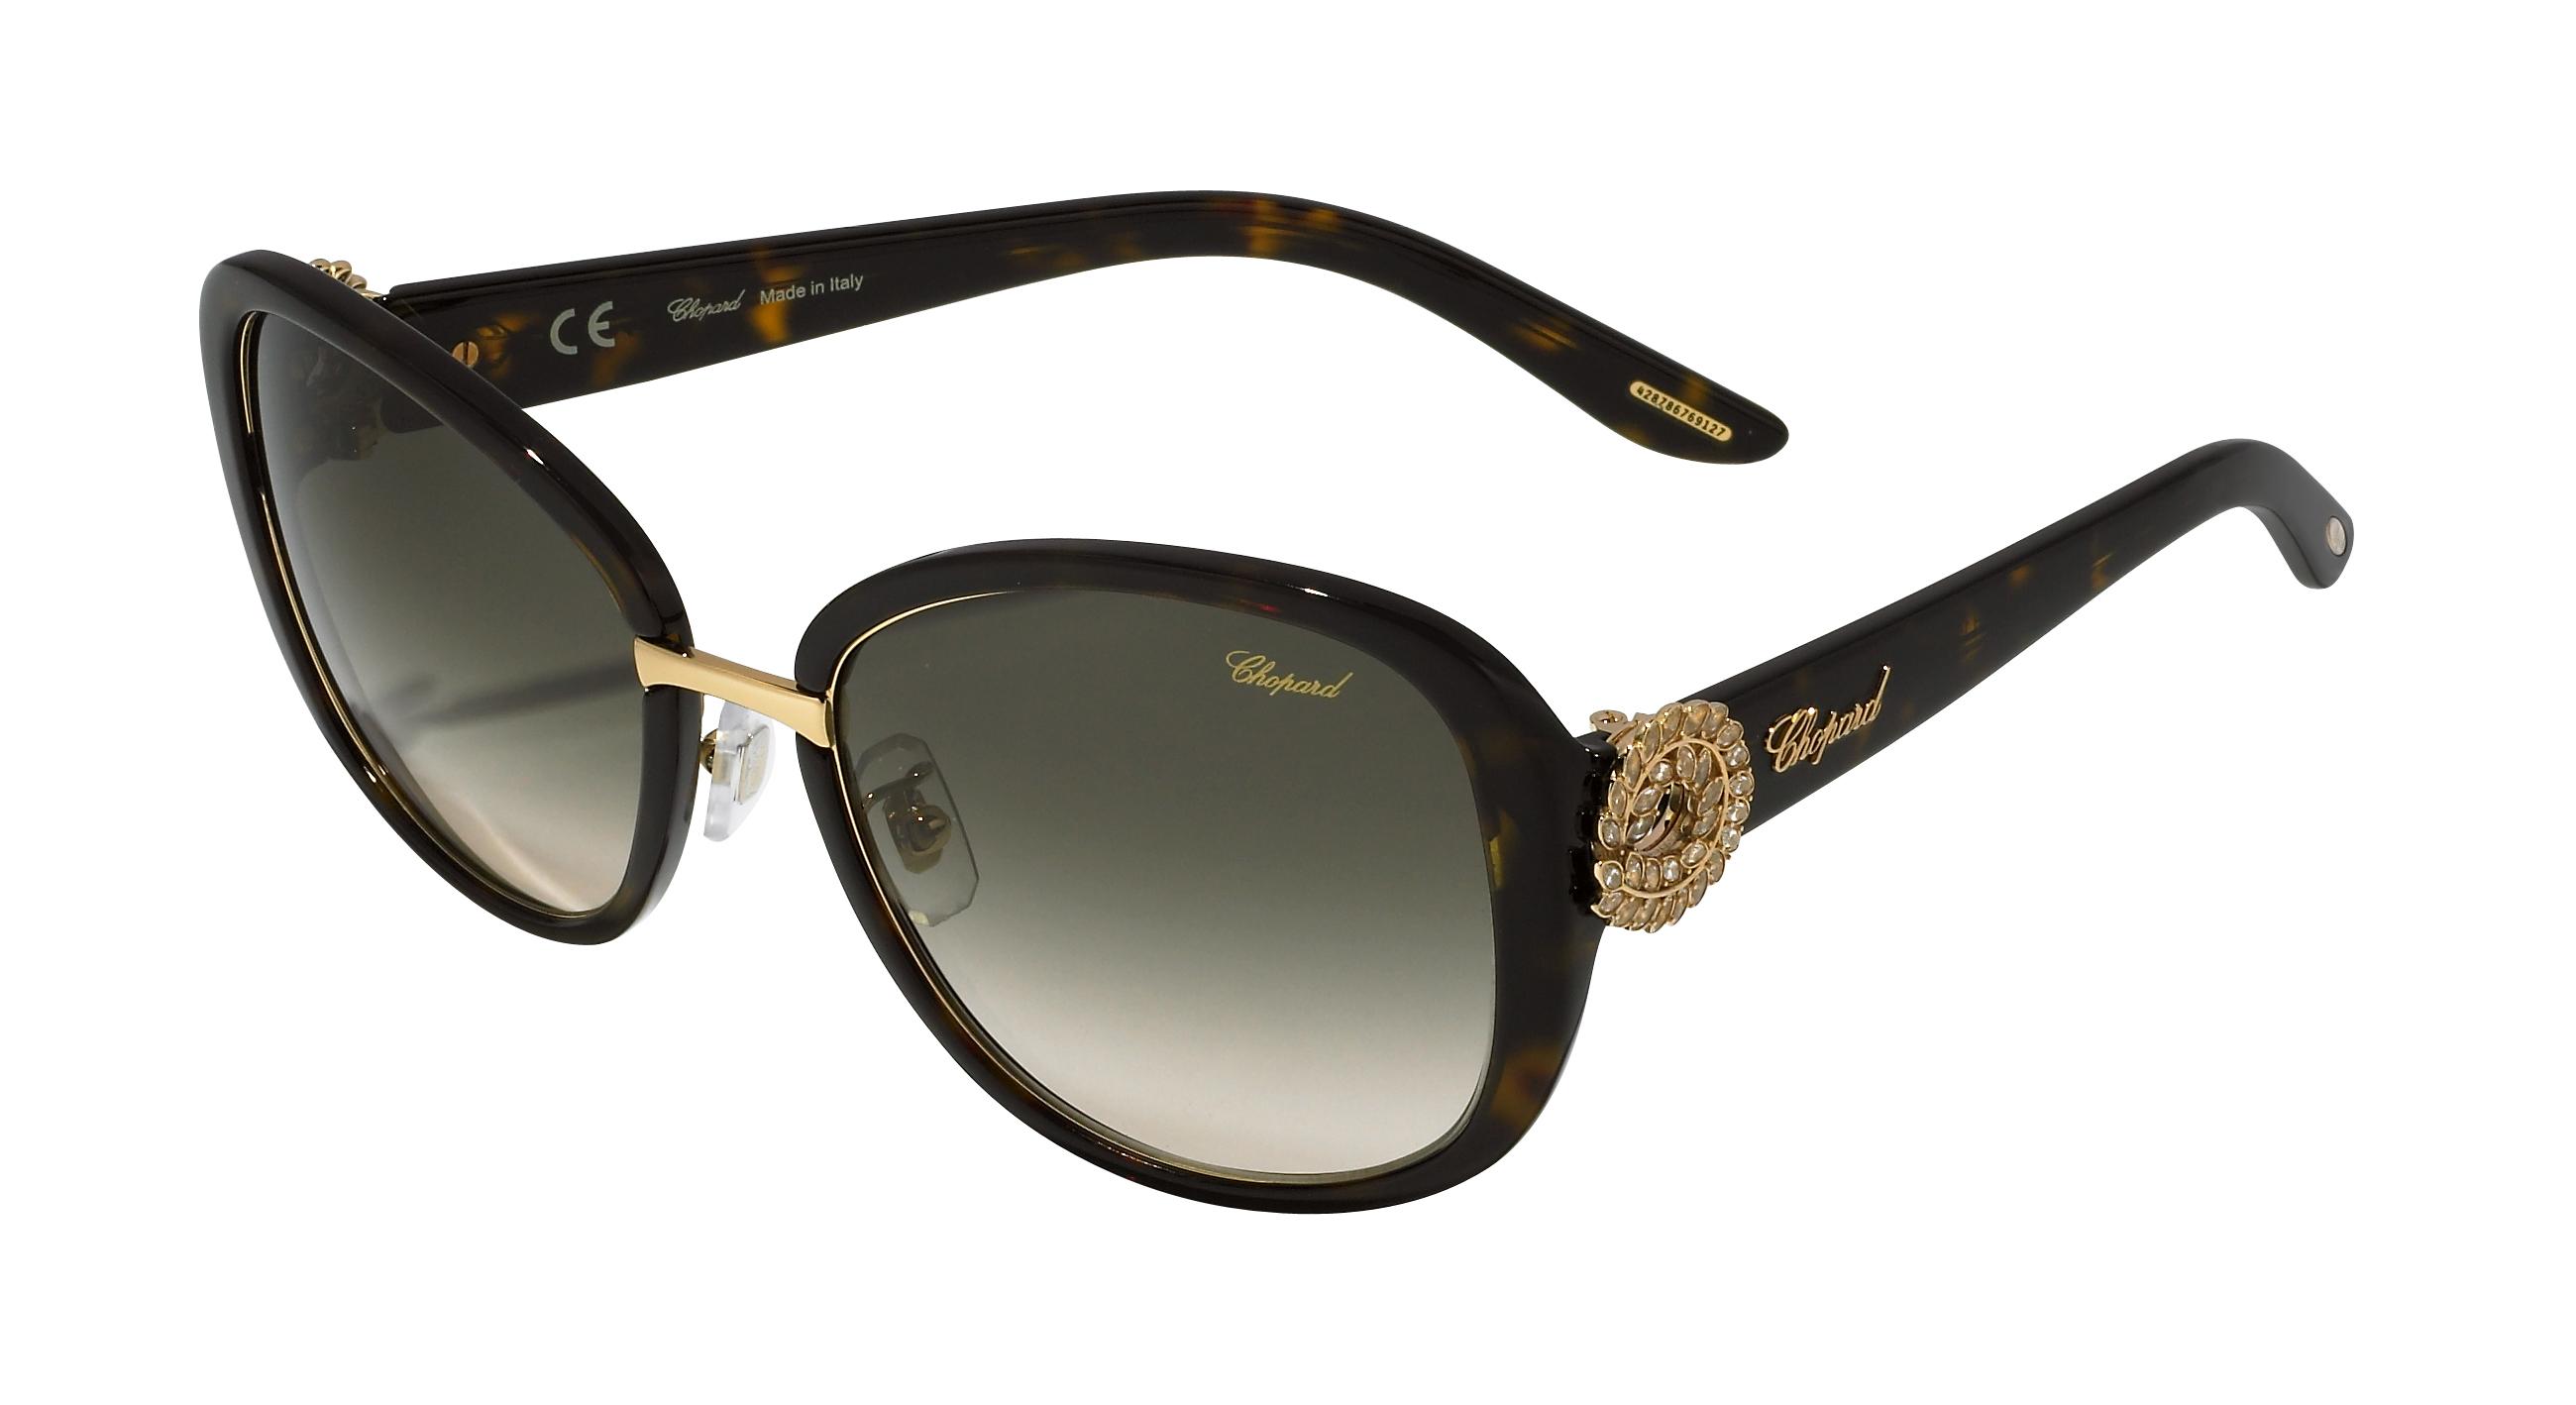 Chopard Glasses in Preston